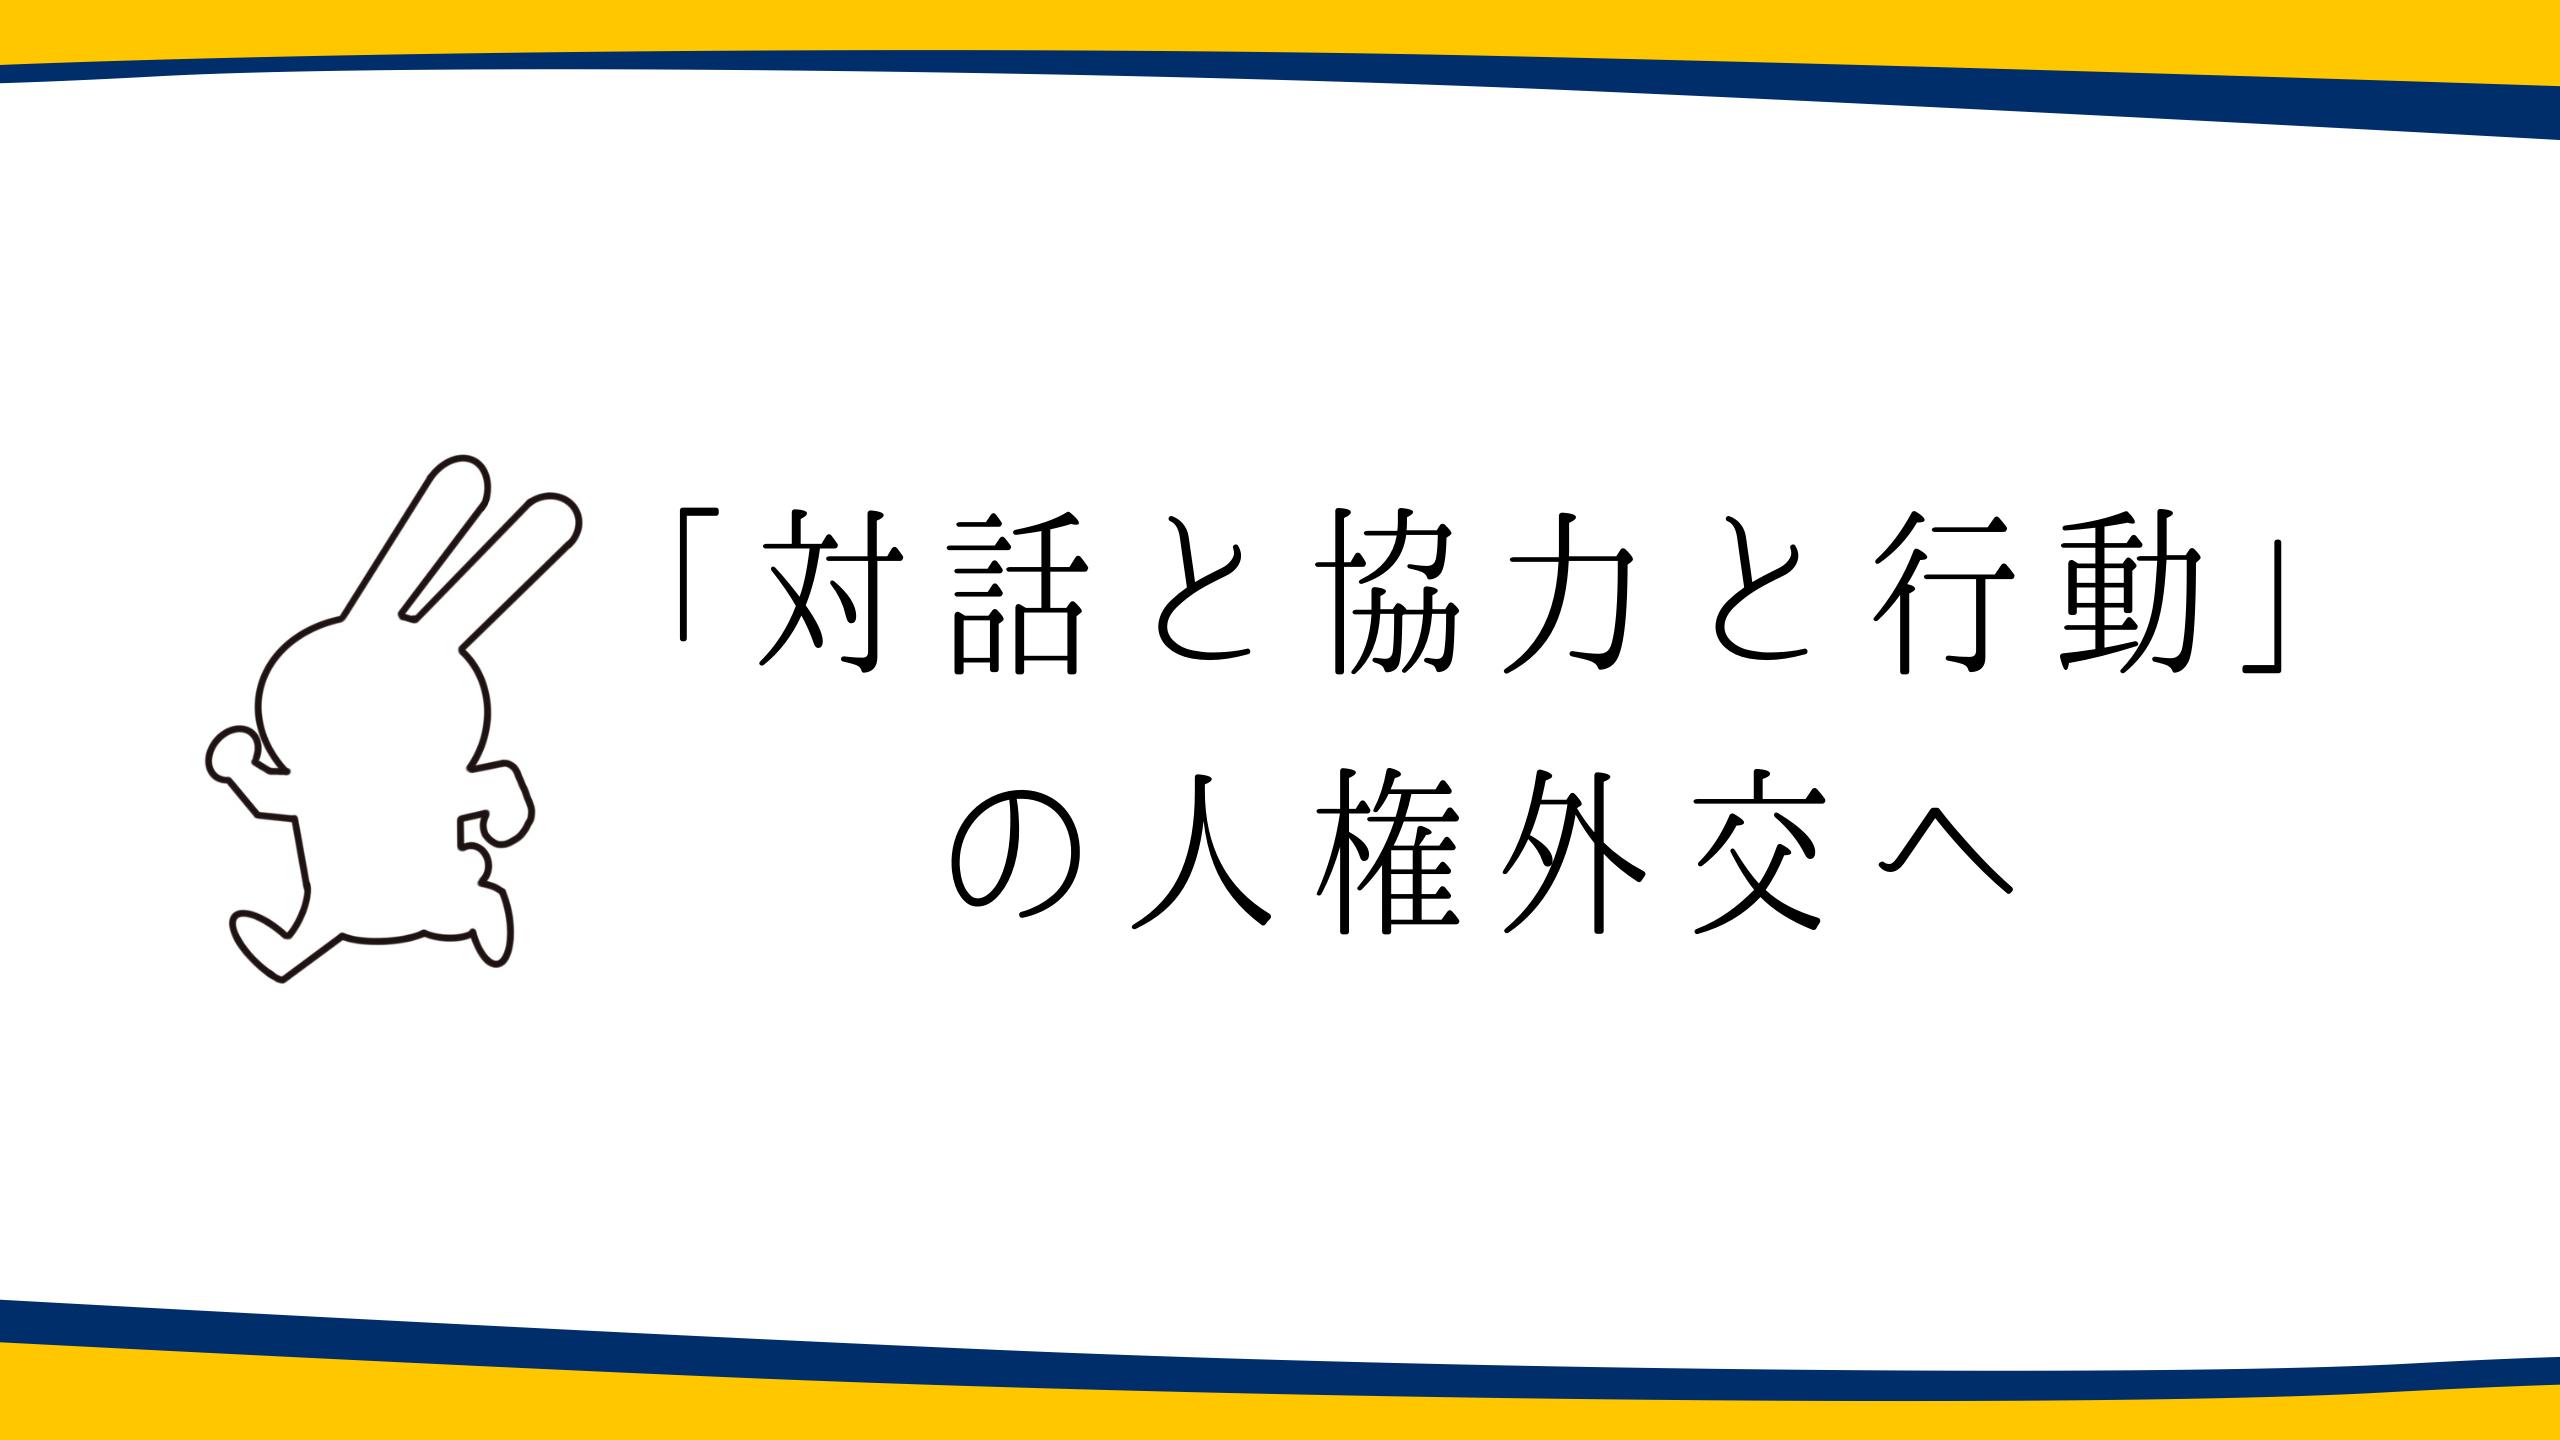 【声名】「対話と協力と行動」の人権外交へ